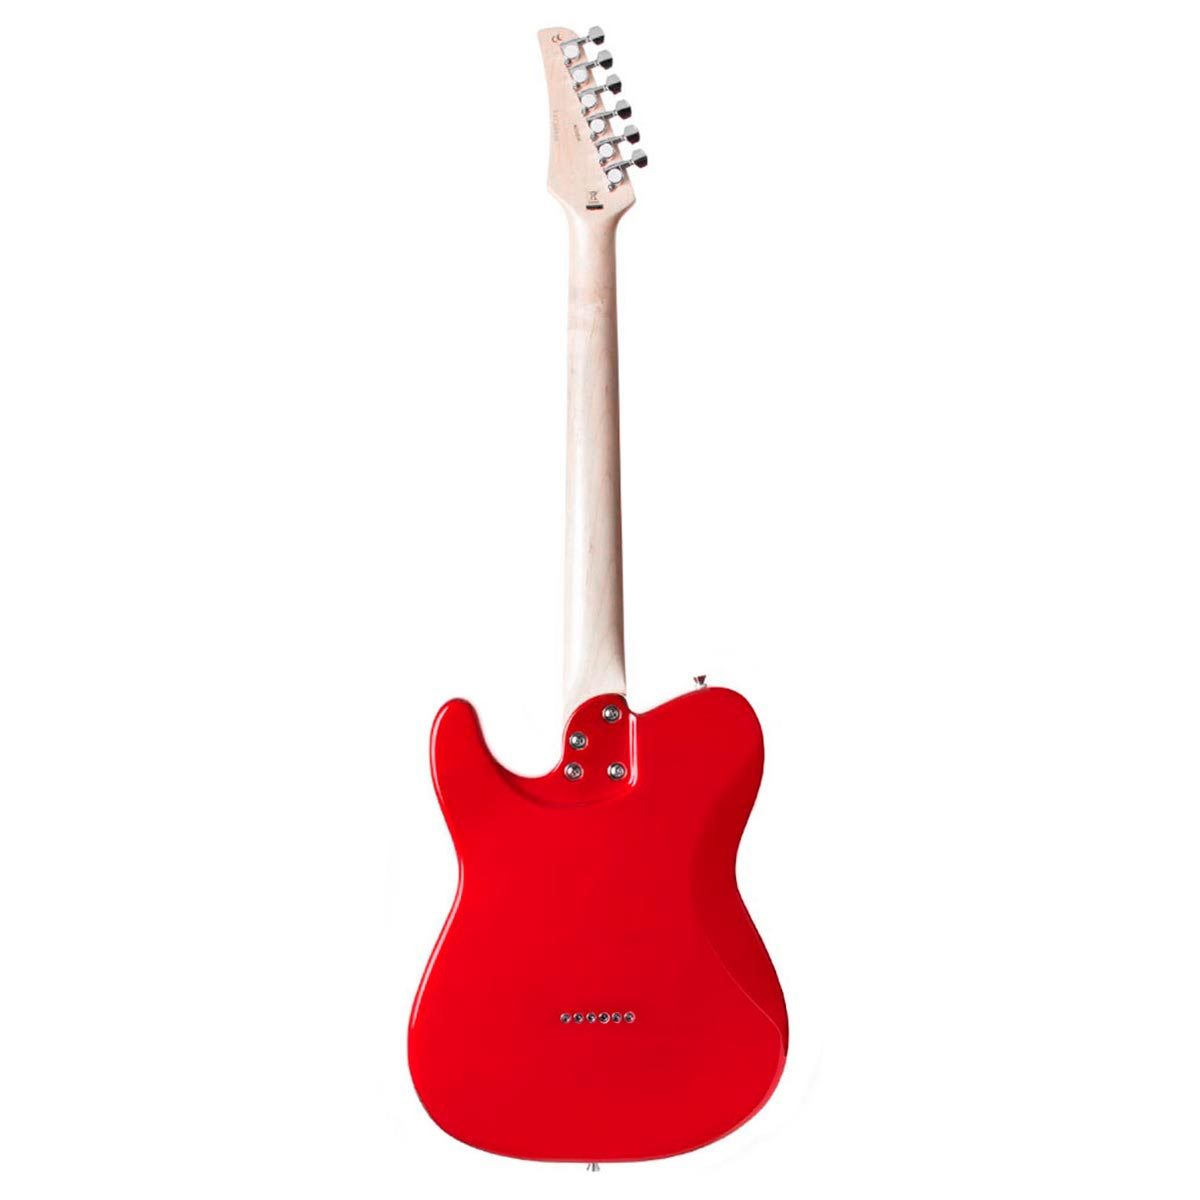 Guitarra Television Metallic Red Seizi c/ Escudo Branco Perolado - Seizi